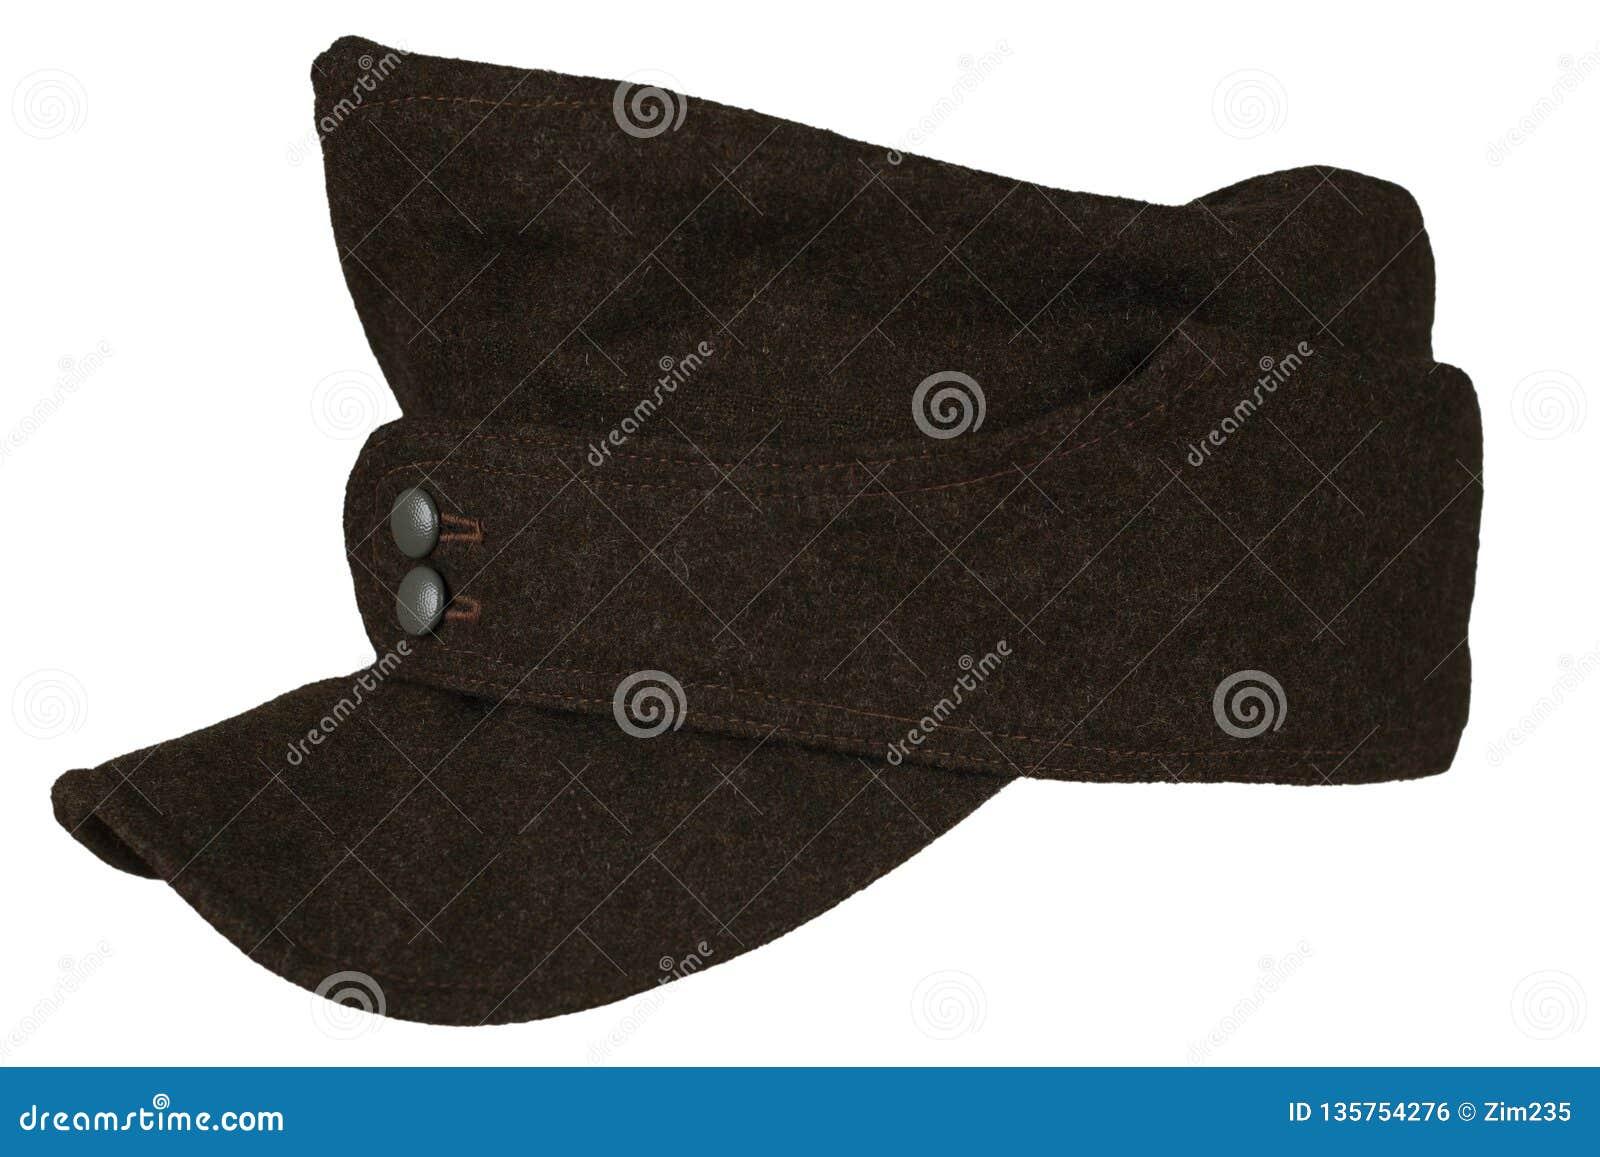 Período gris de la Segunda Guerra Mundial del quepis de la infantería del ejército alemán aislado en un fondo blanco